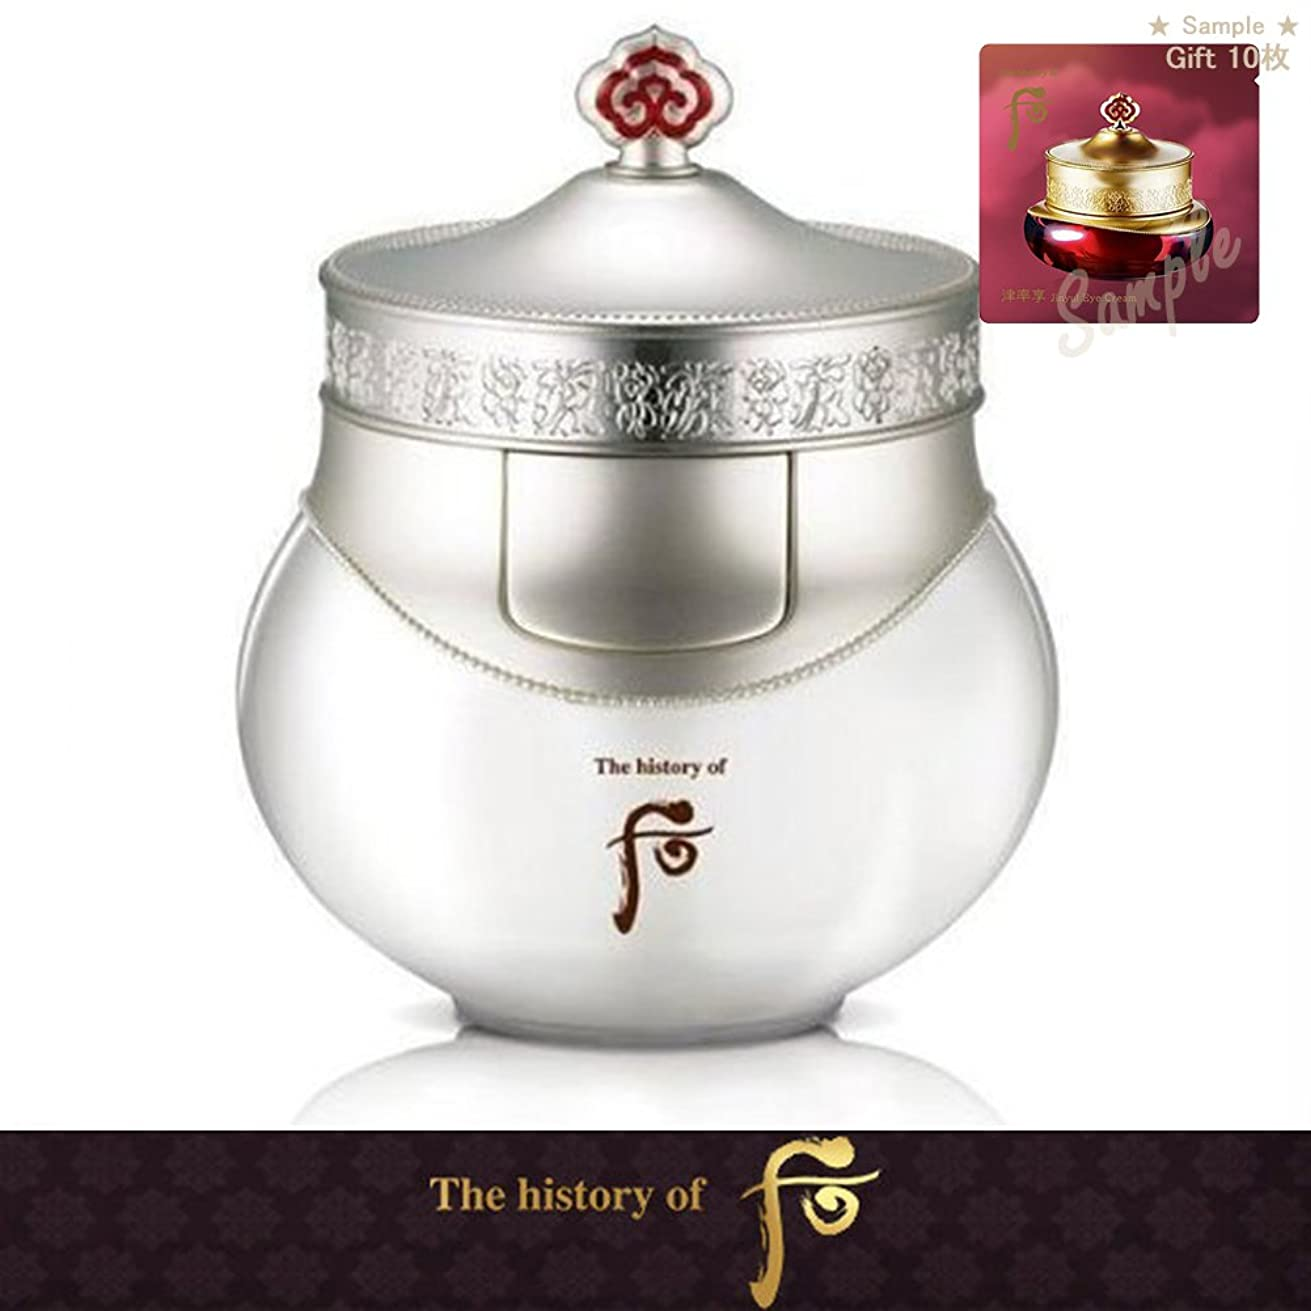 集団隔離読書【フー/ The history of whoo] Whoo 后(フー) The history of whoo Gongjinhyang Seol Whitening & Mositure Cream ゴンジンヒャン設定美 白水分と- 60ml+ Sample Gift(海外直送品)